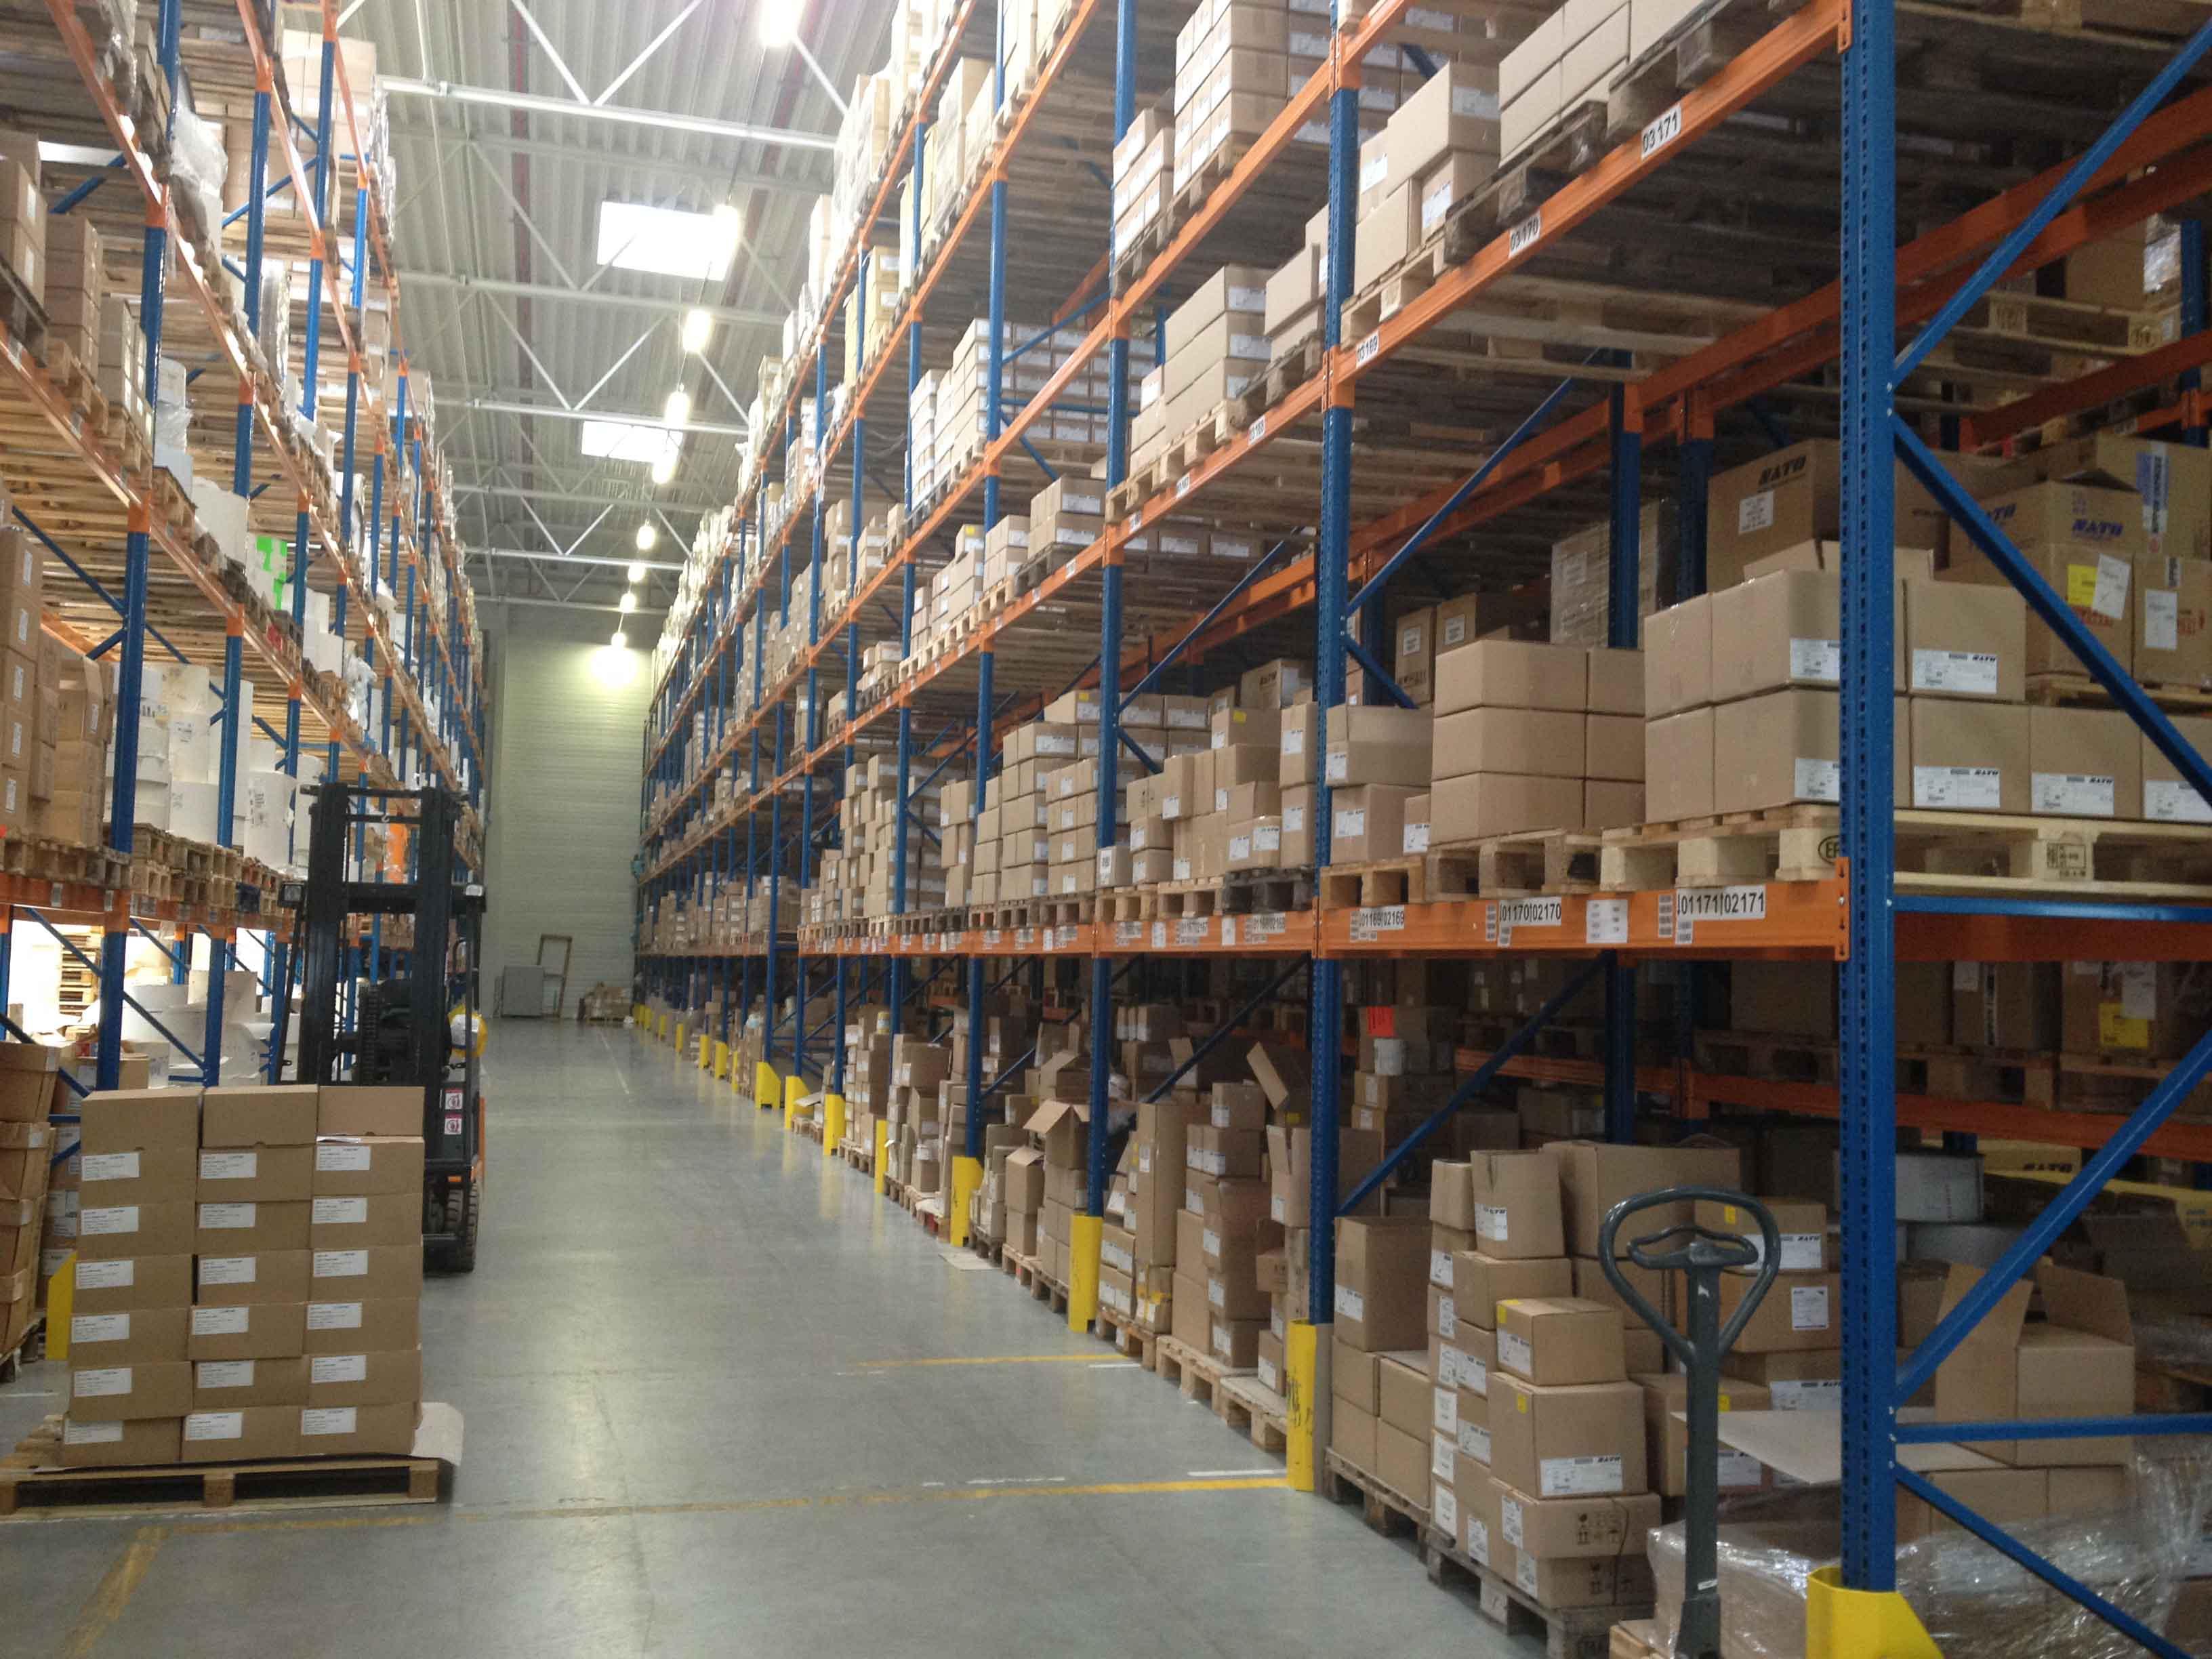 Sato utworzy w Polsce europejskie centrum logistyczne